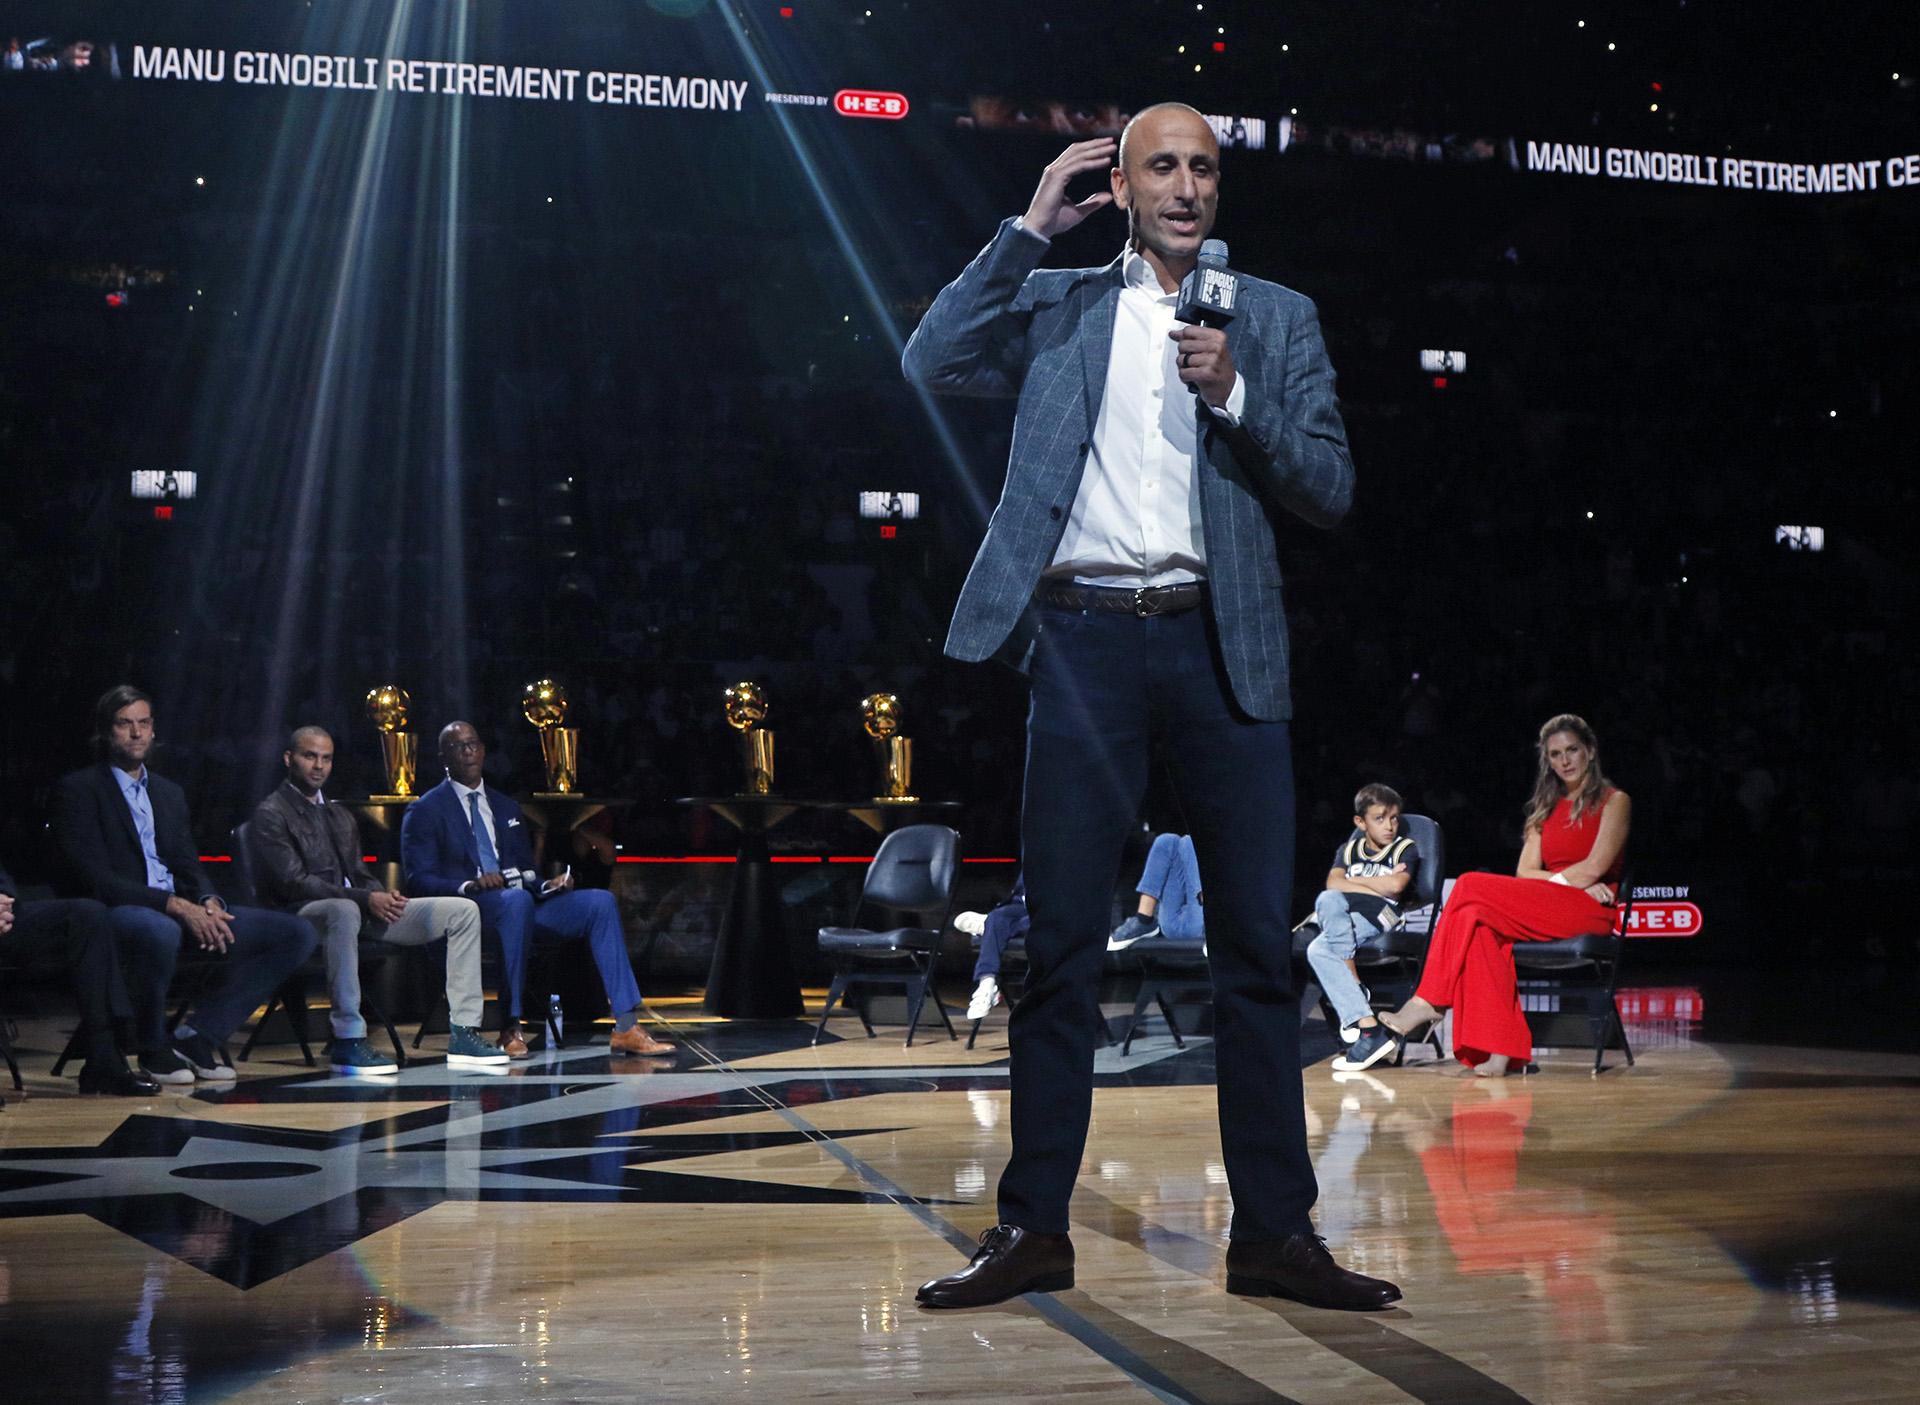 Manu Ginobili habla sobre su carrera en San Antonio durante su fiesta de homenaje en el AT&T Center en San Antonio